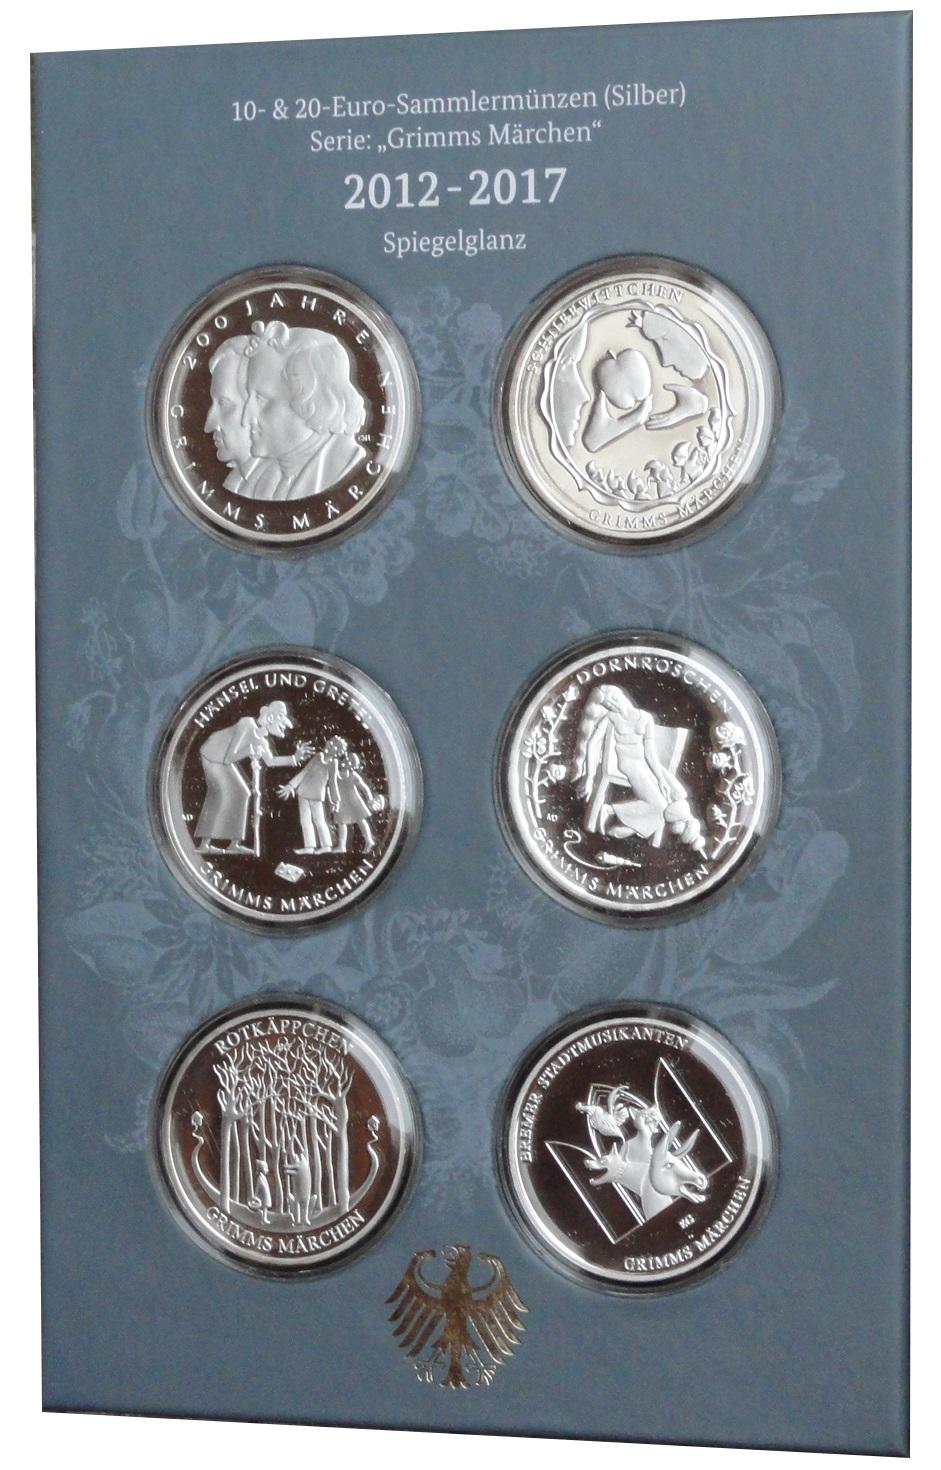 Münzsammelbuch Der Gebrüder Grimm 20 Euro 10 Euro Silber